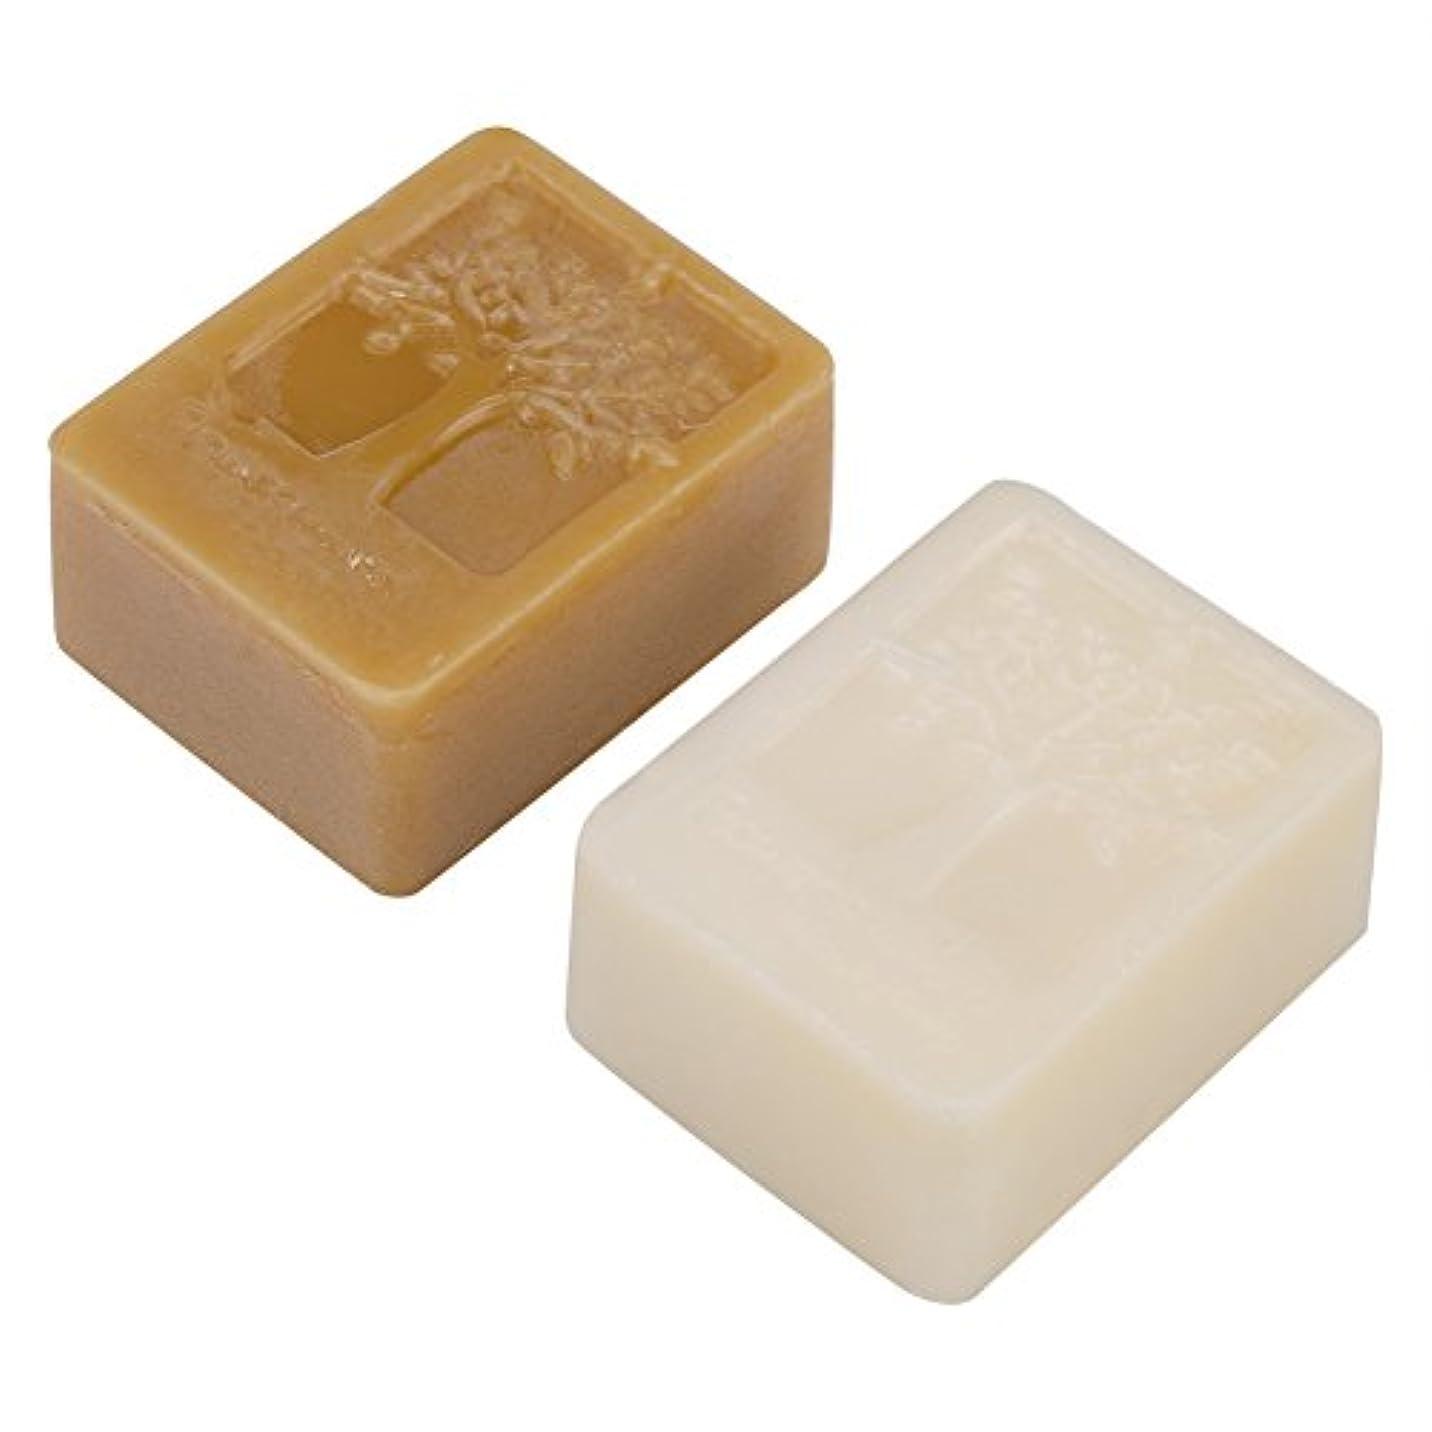 印象接地切手純粋な100g / 3.5oz白い蜜蝋ブロック+ 100g / 3.5oz黄色の蜜蝋石鹸、食品等級